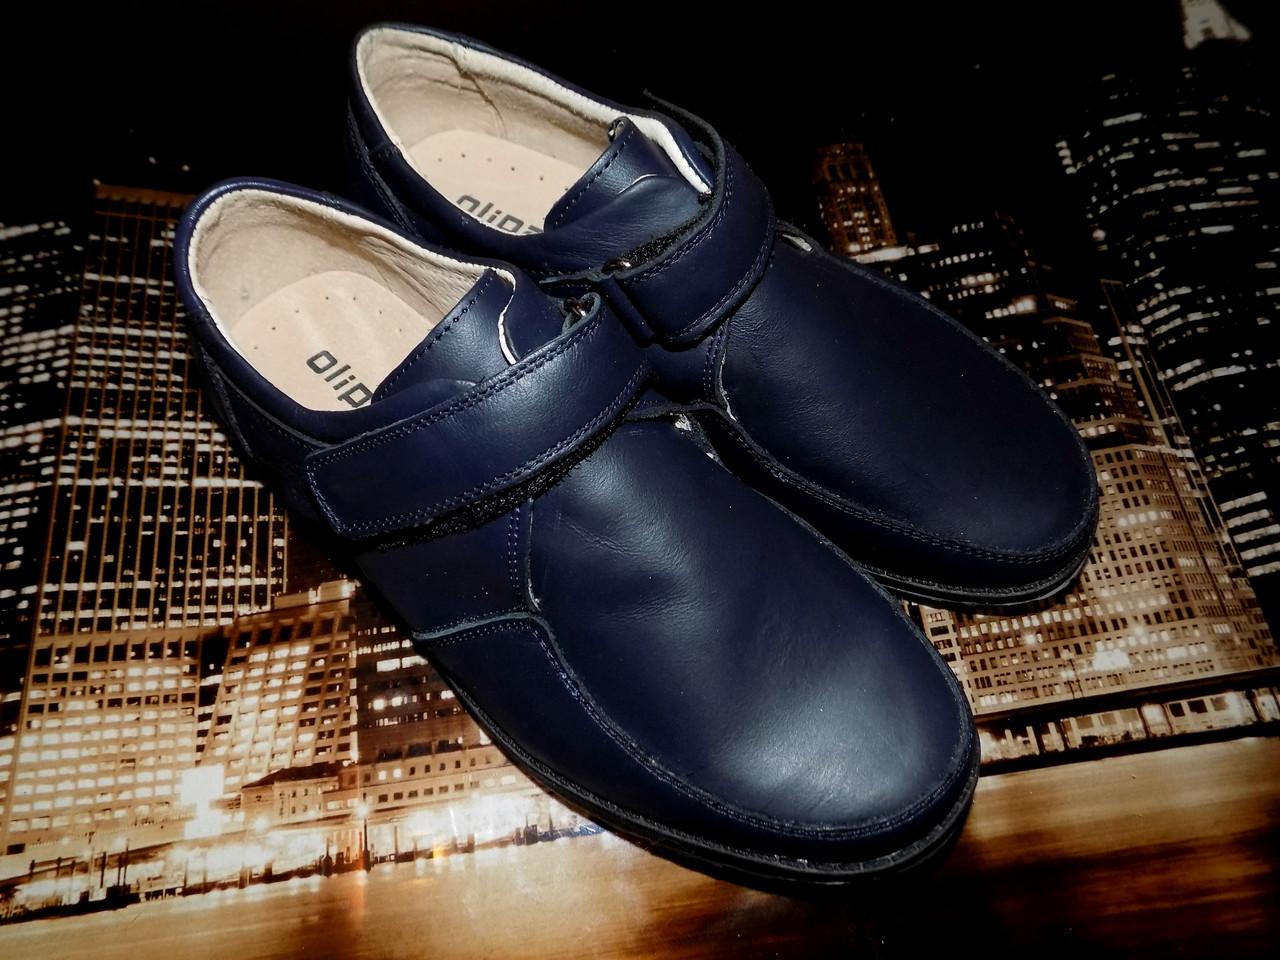 Мокасины для мальчика кожаные,цвет: темно-синий 32 размер